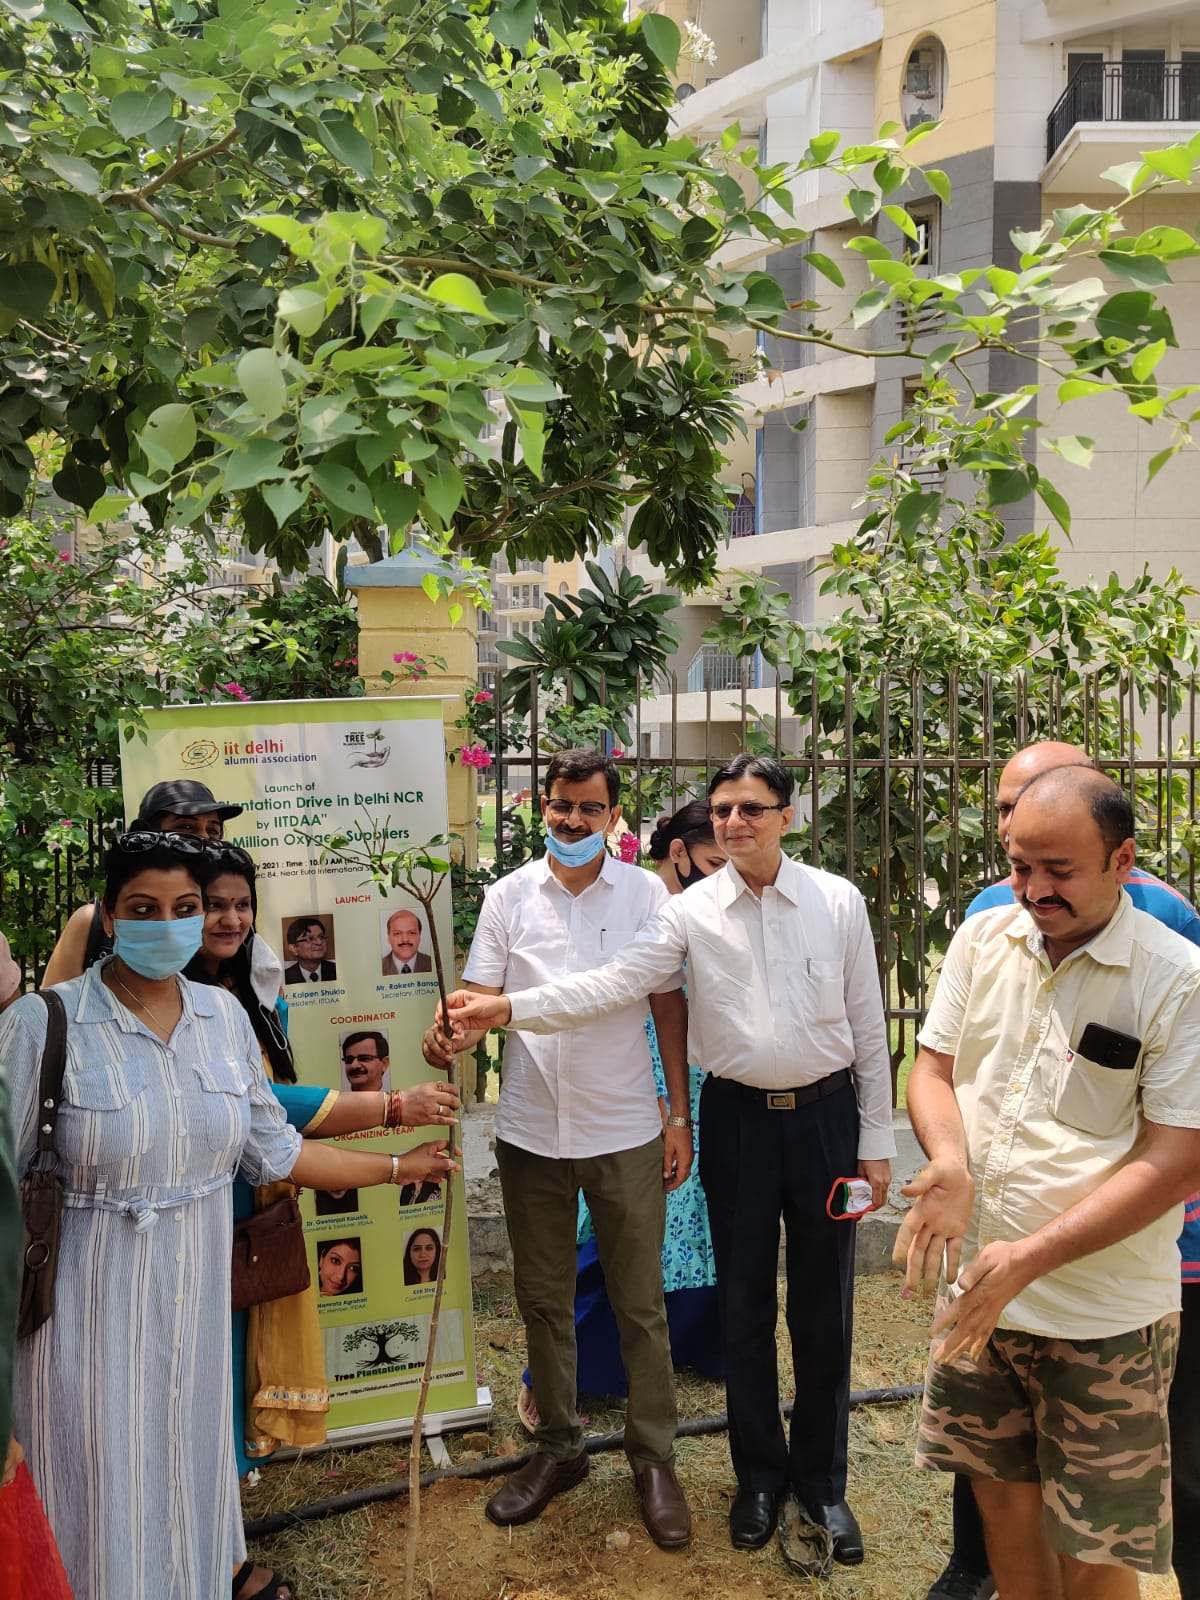 आईआईटी दिल्ली एलुमनाई एसोसिएशन ने की गुरुग्राम से दिल्ली एनसीआर में पौधारोपण अभियान की शुरुआत|गुड़गांव,Gurgaon - Dainik Bhaskar